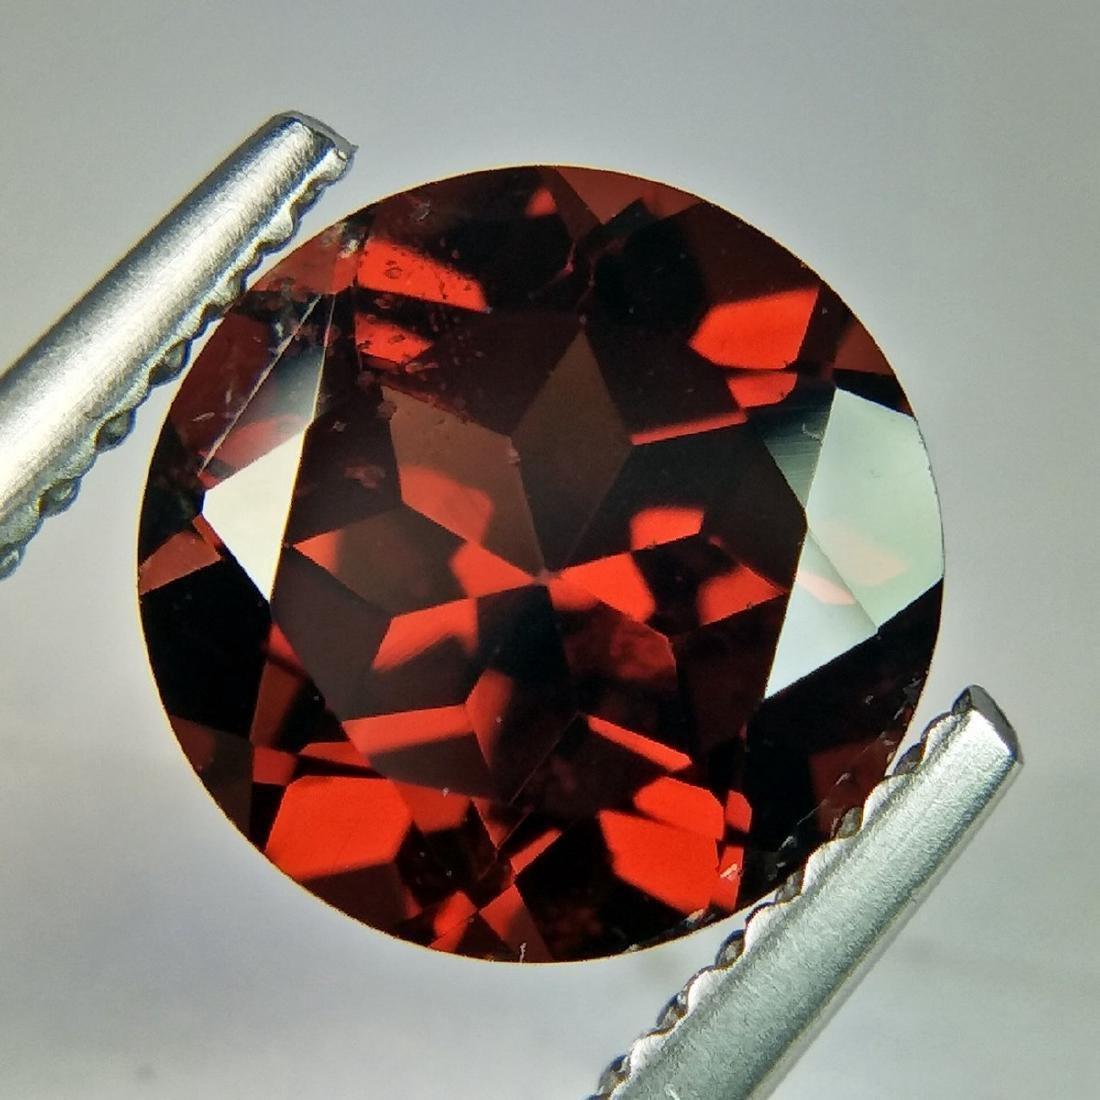 2.25 Carat Loose Pyrope - Almandite Red Garnet - 2